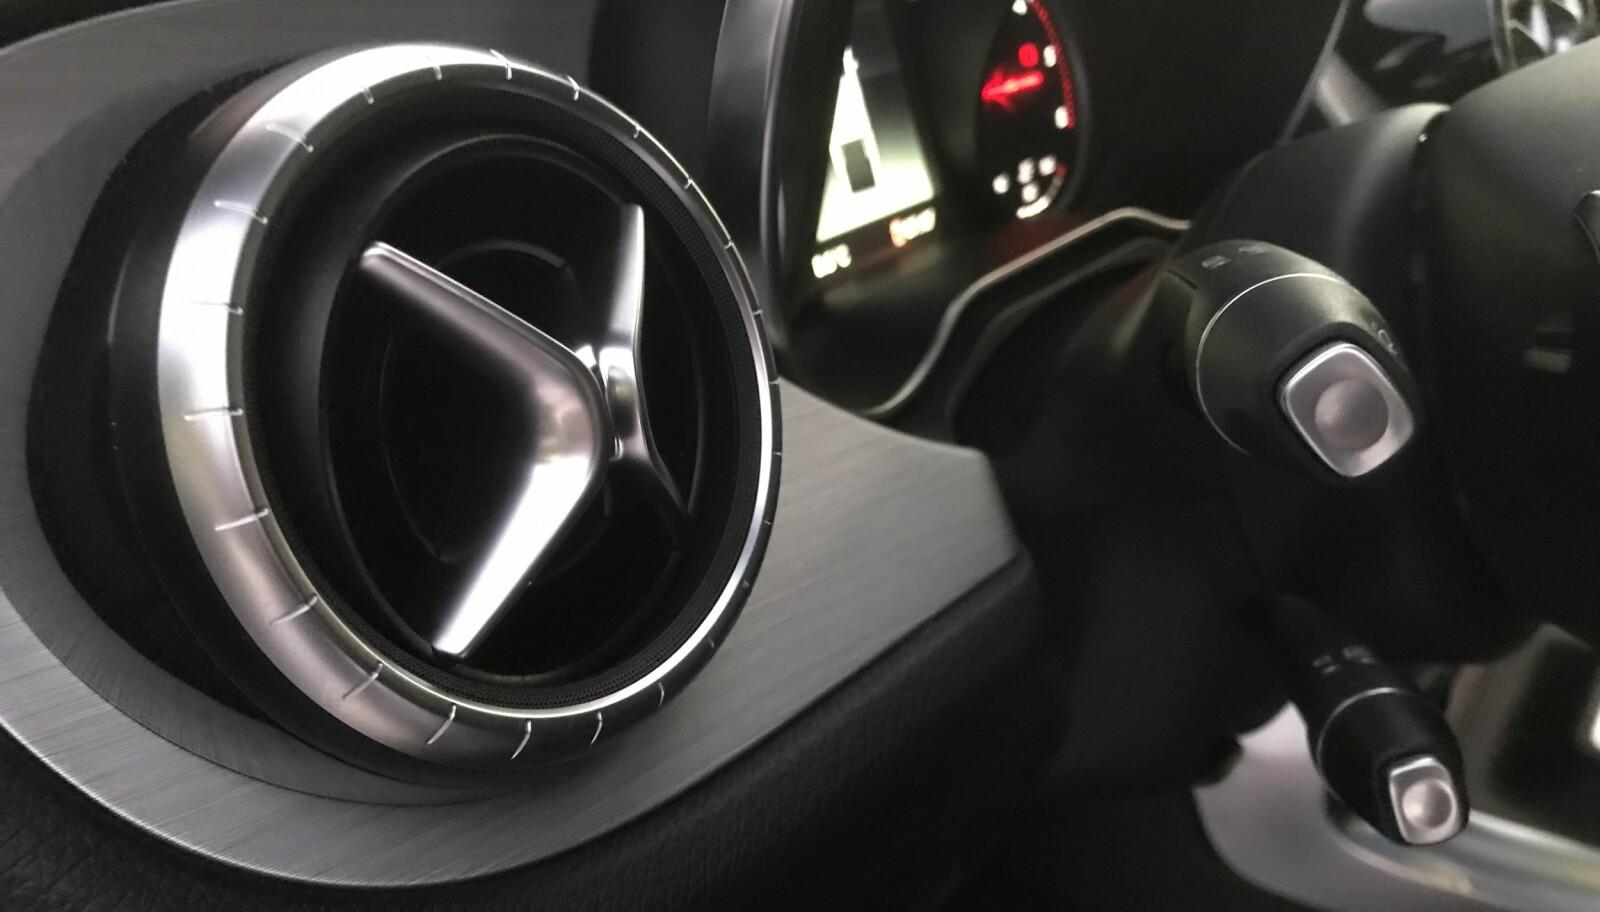 FRA MERCEDES: Luftventilene og rattet med hendler kun på venstre side, er distinkt Mercedes.